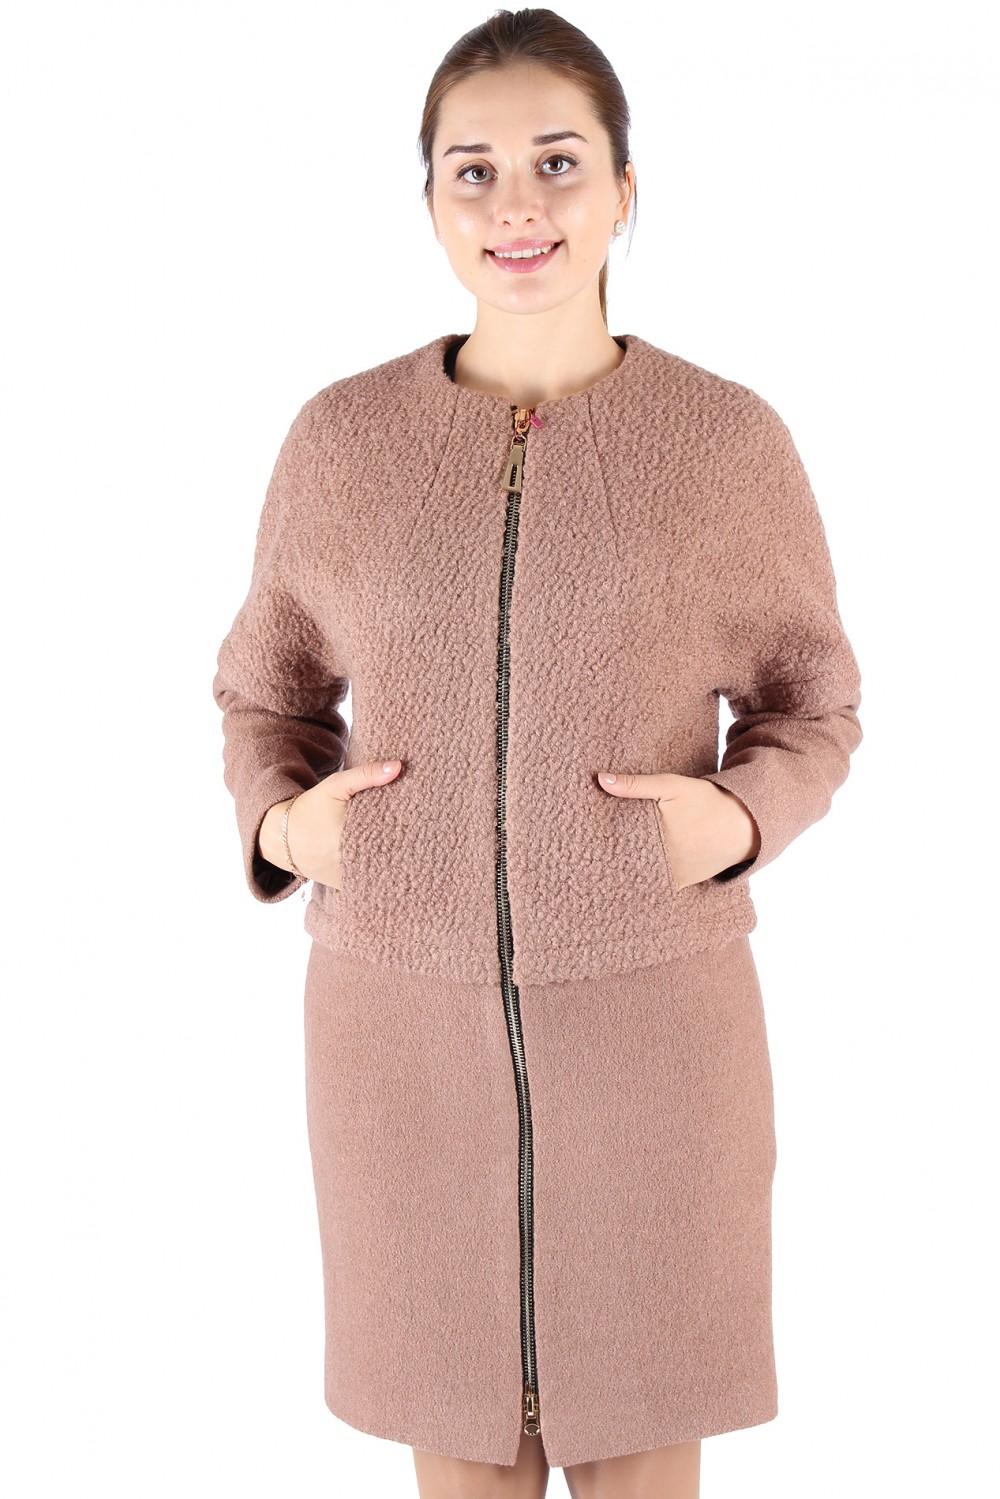 Купить оптом Пальто женское бежевого цвета 373B в Перми